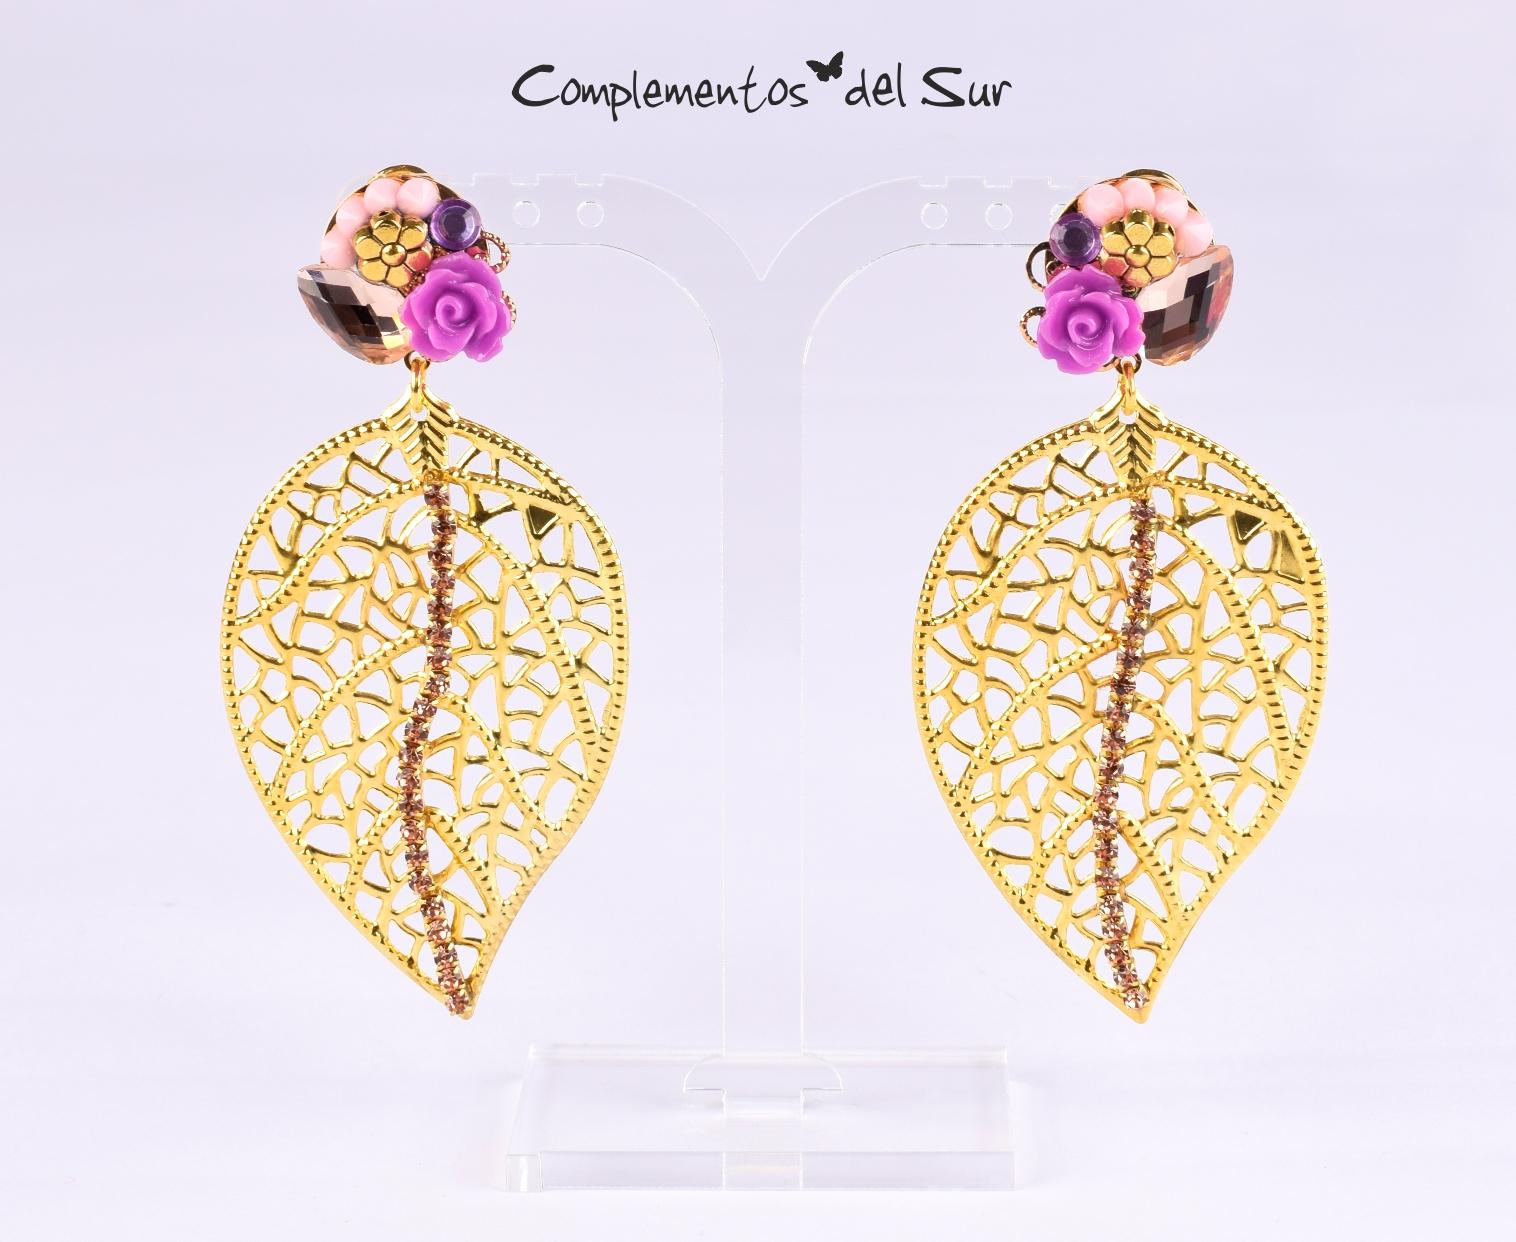 3ab5252aa690 Pendientes dorados y lilas - Complementos del Sur